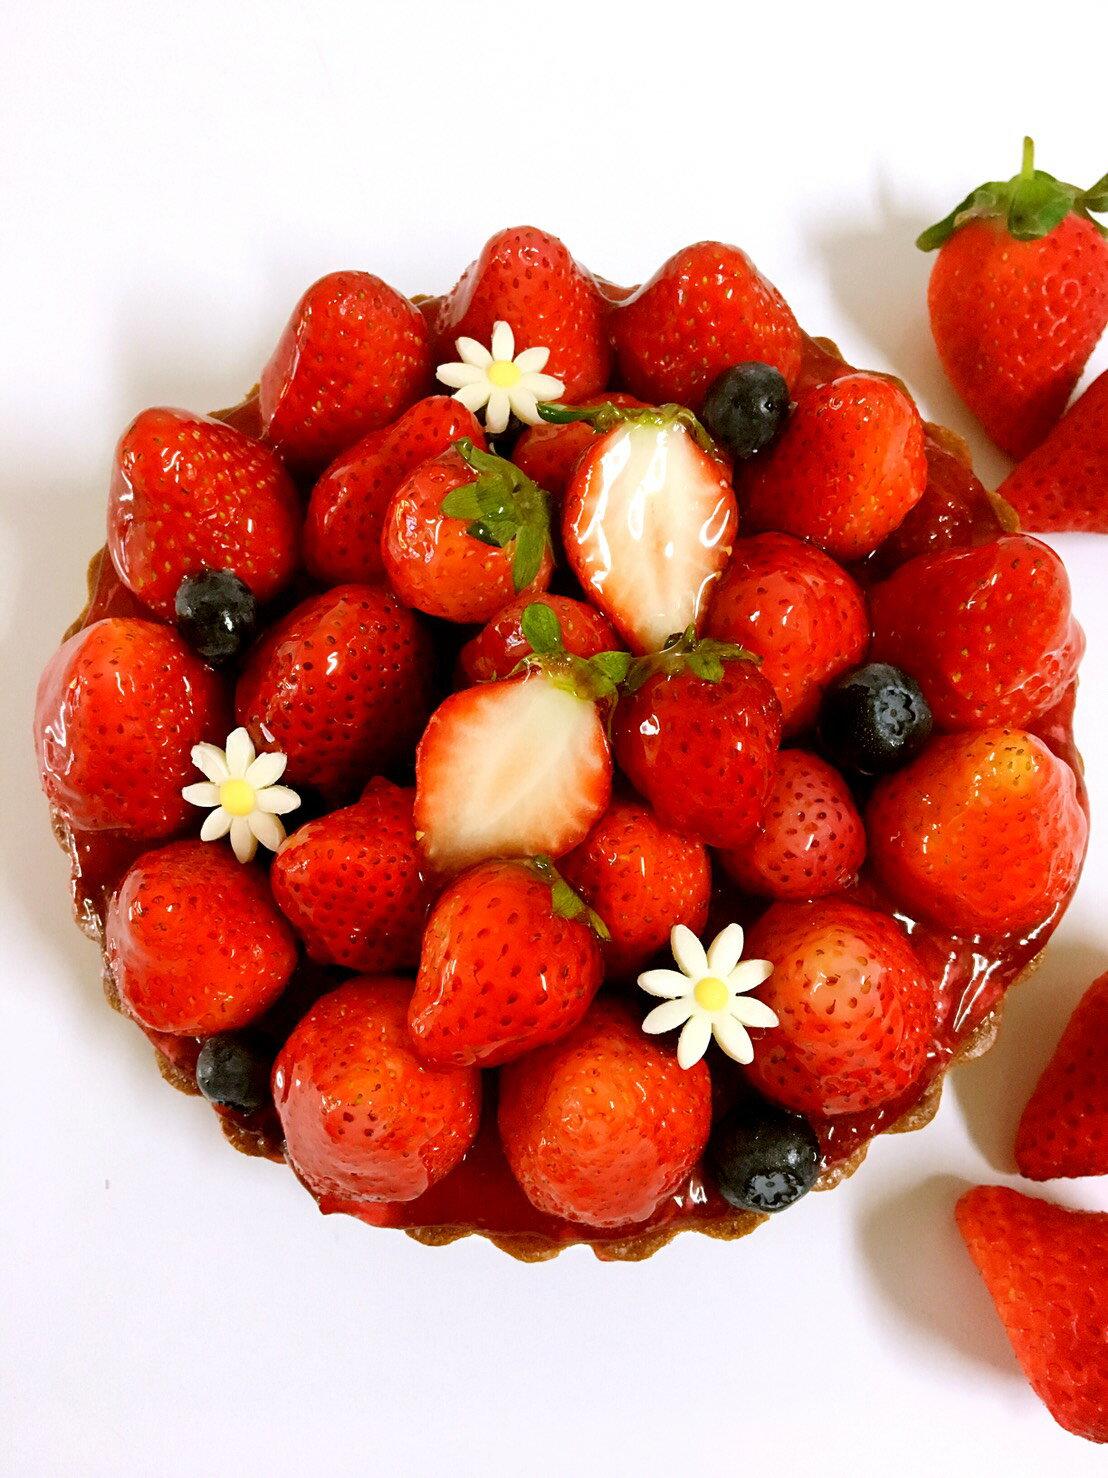 ✿熱戀莓飛色舞-草莓塔 (6吋) 新鮮草莓๑讓氣氛浪漫滿分๑有如花開綻放的美๑酸酸甜甜幸福滿滿【紅鞋女孩手作甜點】慶生派對、野餐甜點、浪漫情人節日、團購辦公室點心、下午茶時光